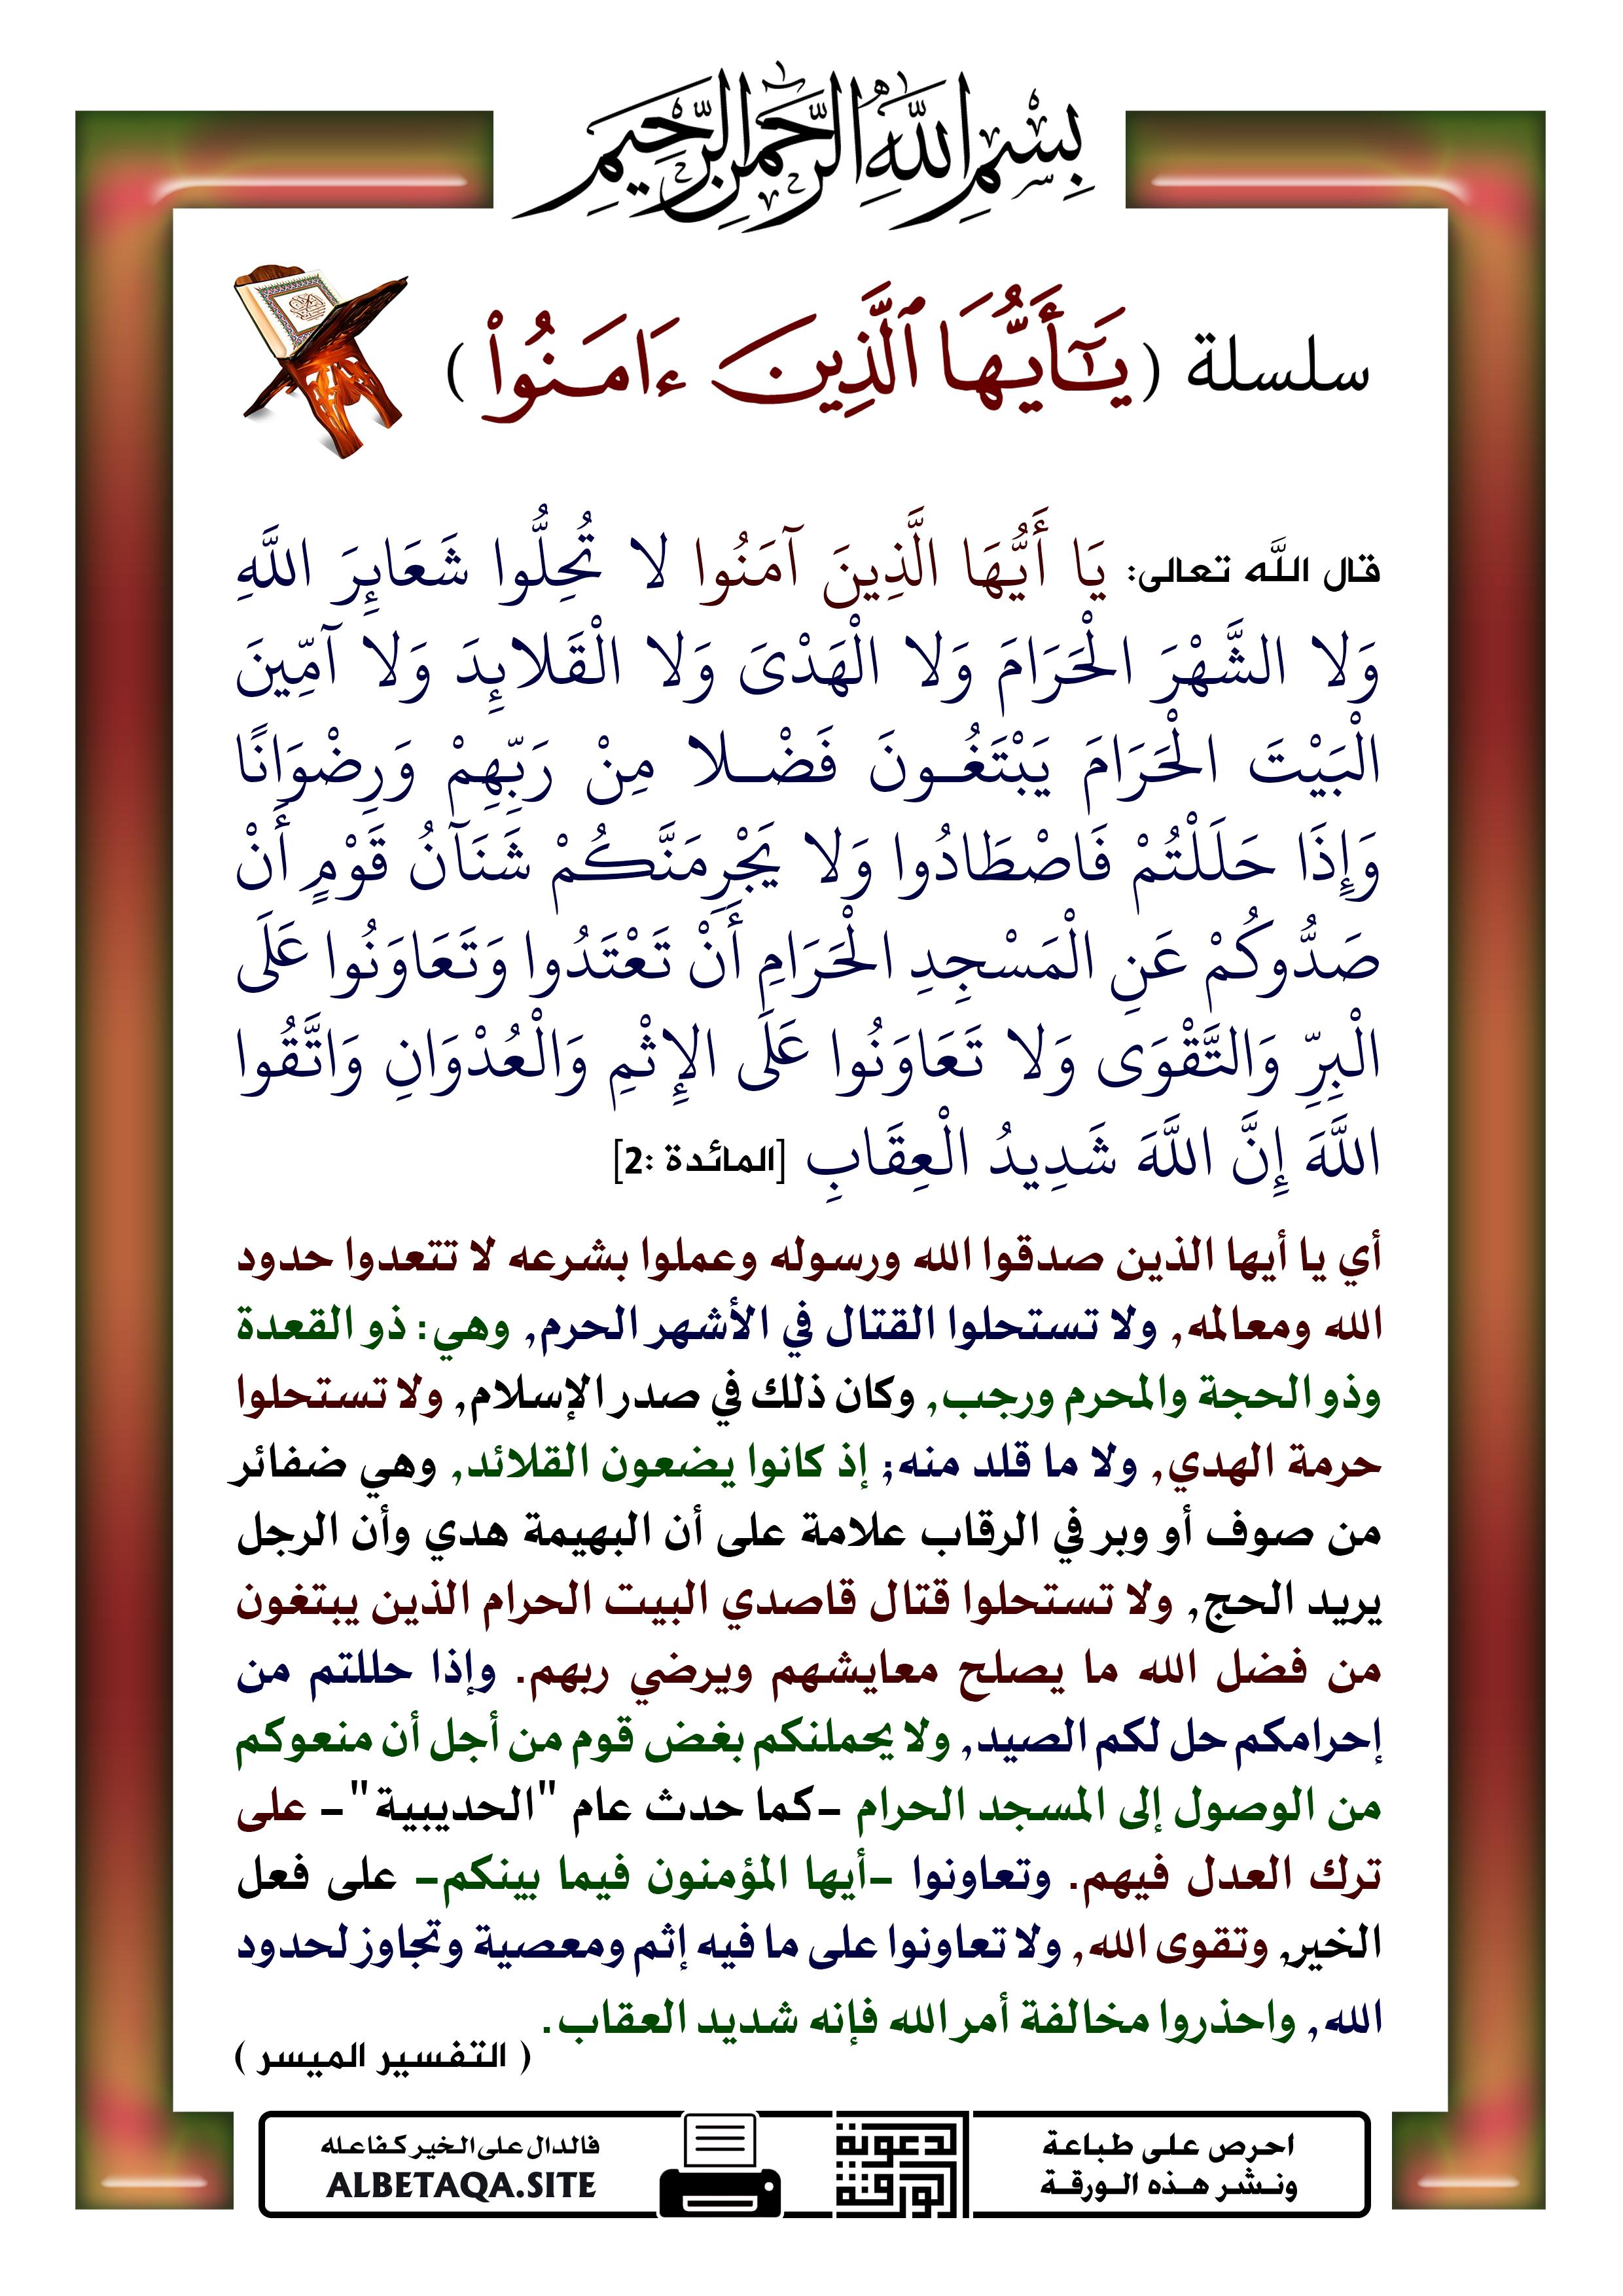 سلسلة يا أيها الذين آمنوا لا تحلوا شعائر الله موقع البطاقة الدعوي